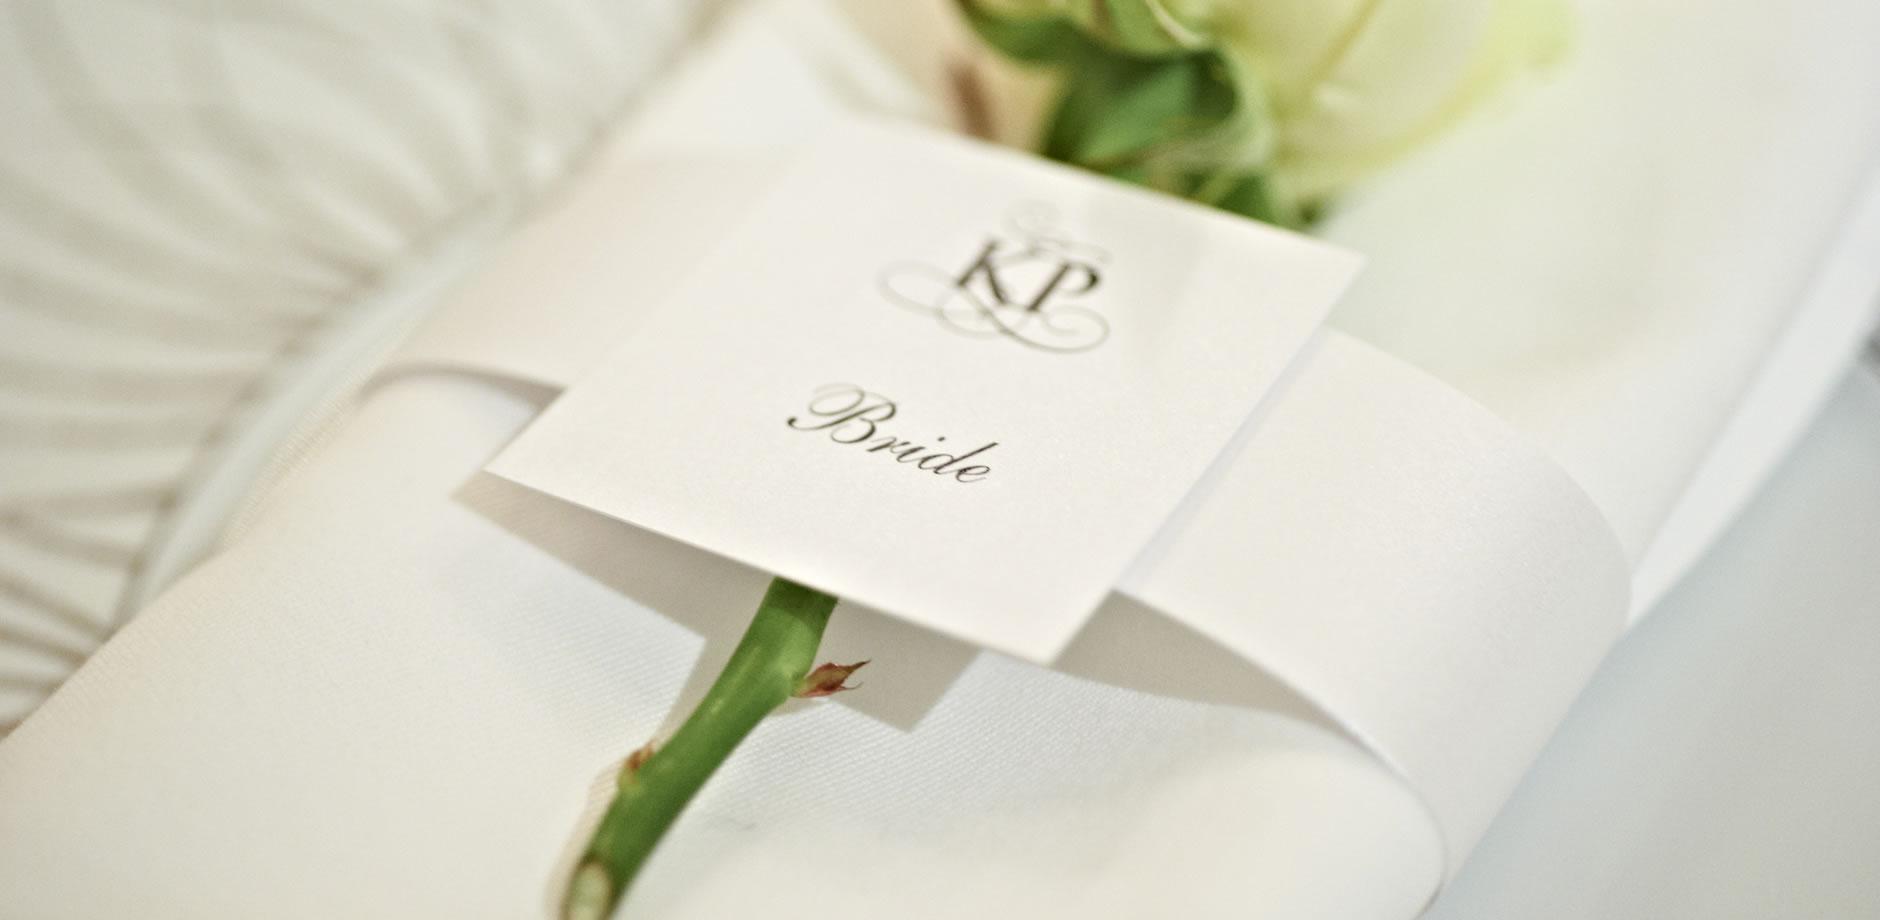 karianne-phillip-napkin